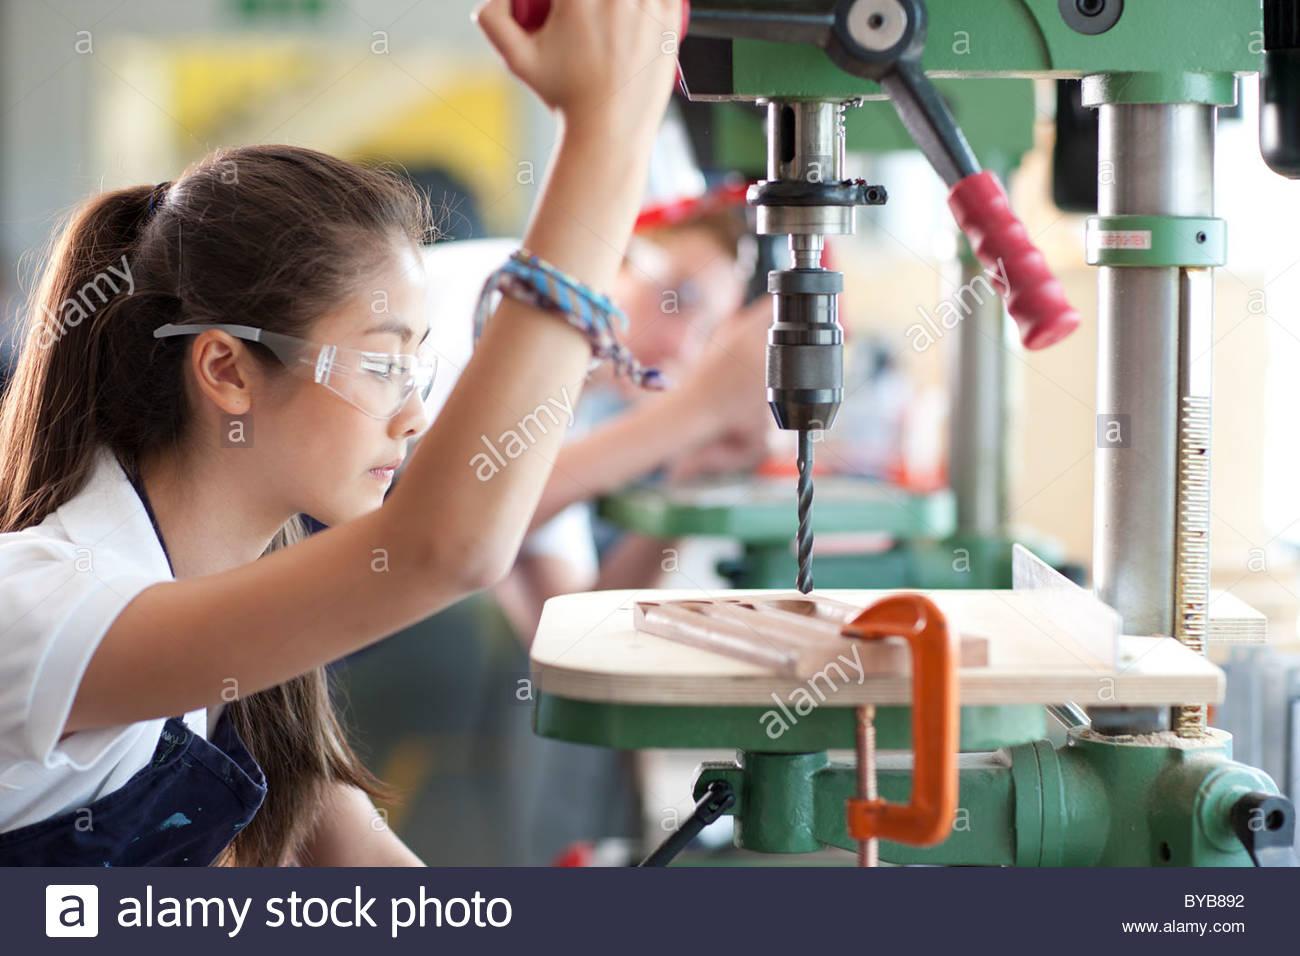 Serio studente mediante foratura nella scuola professionale Immagini Stock